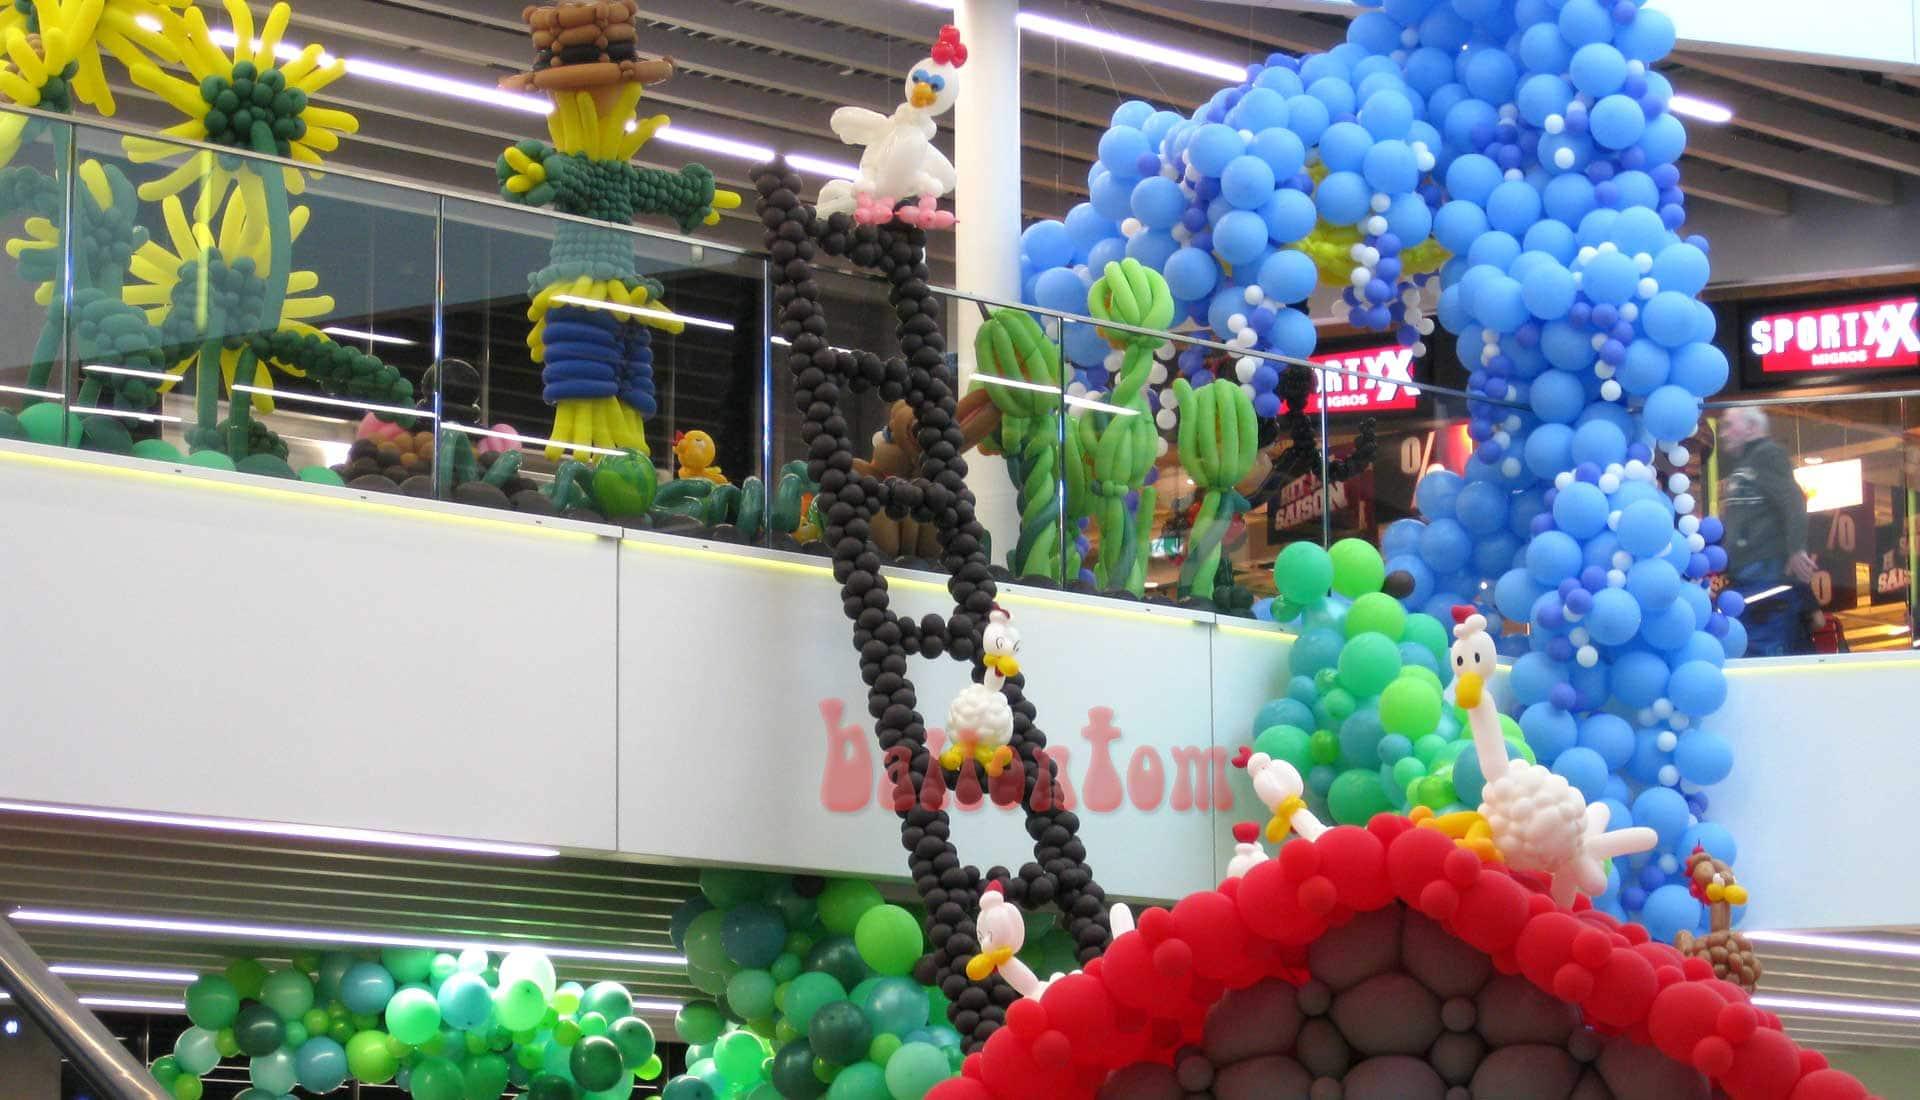 Ballonwelt Lausanne - Schweiz - Hühnerleiter - Projekt: Canniballoon Team Didier Dvorak - Unterstützt durch ballontom